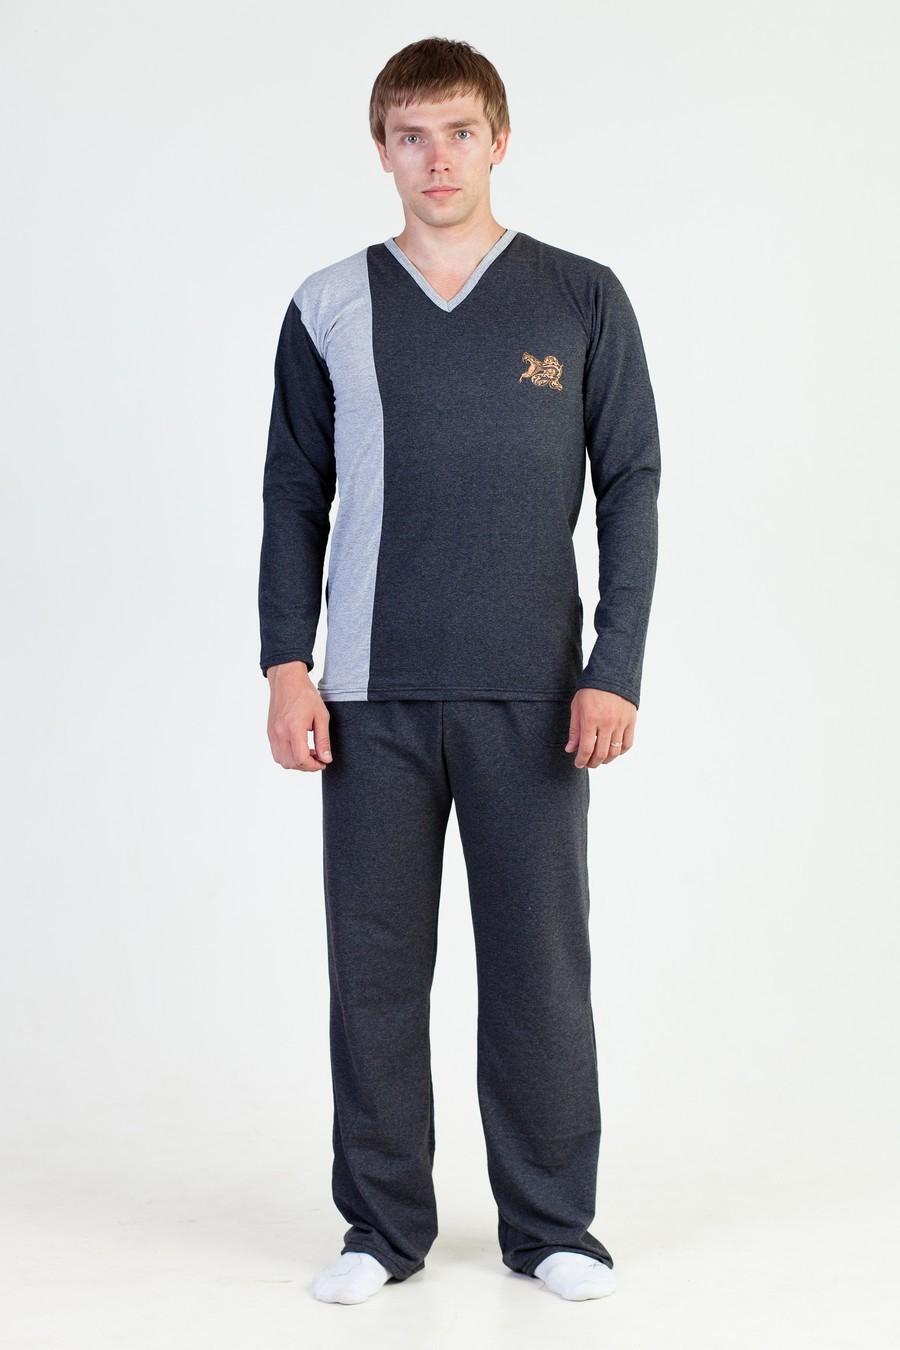 Пижама мужская Зодиак футболка и брюкиОдежда для сна<br><br><br>Размер: Коричневый